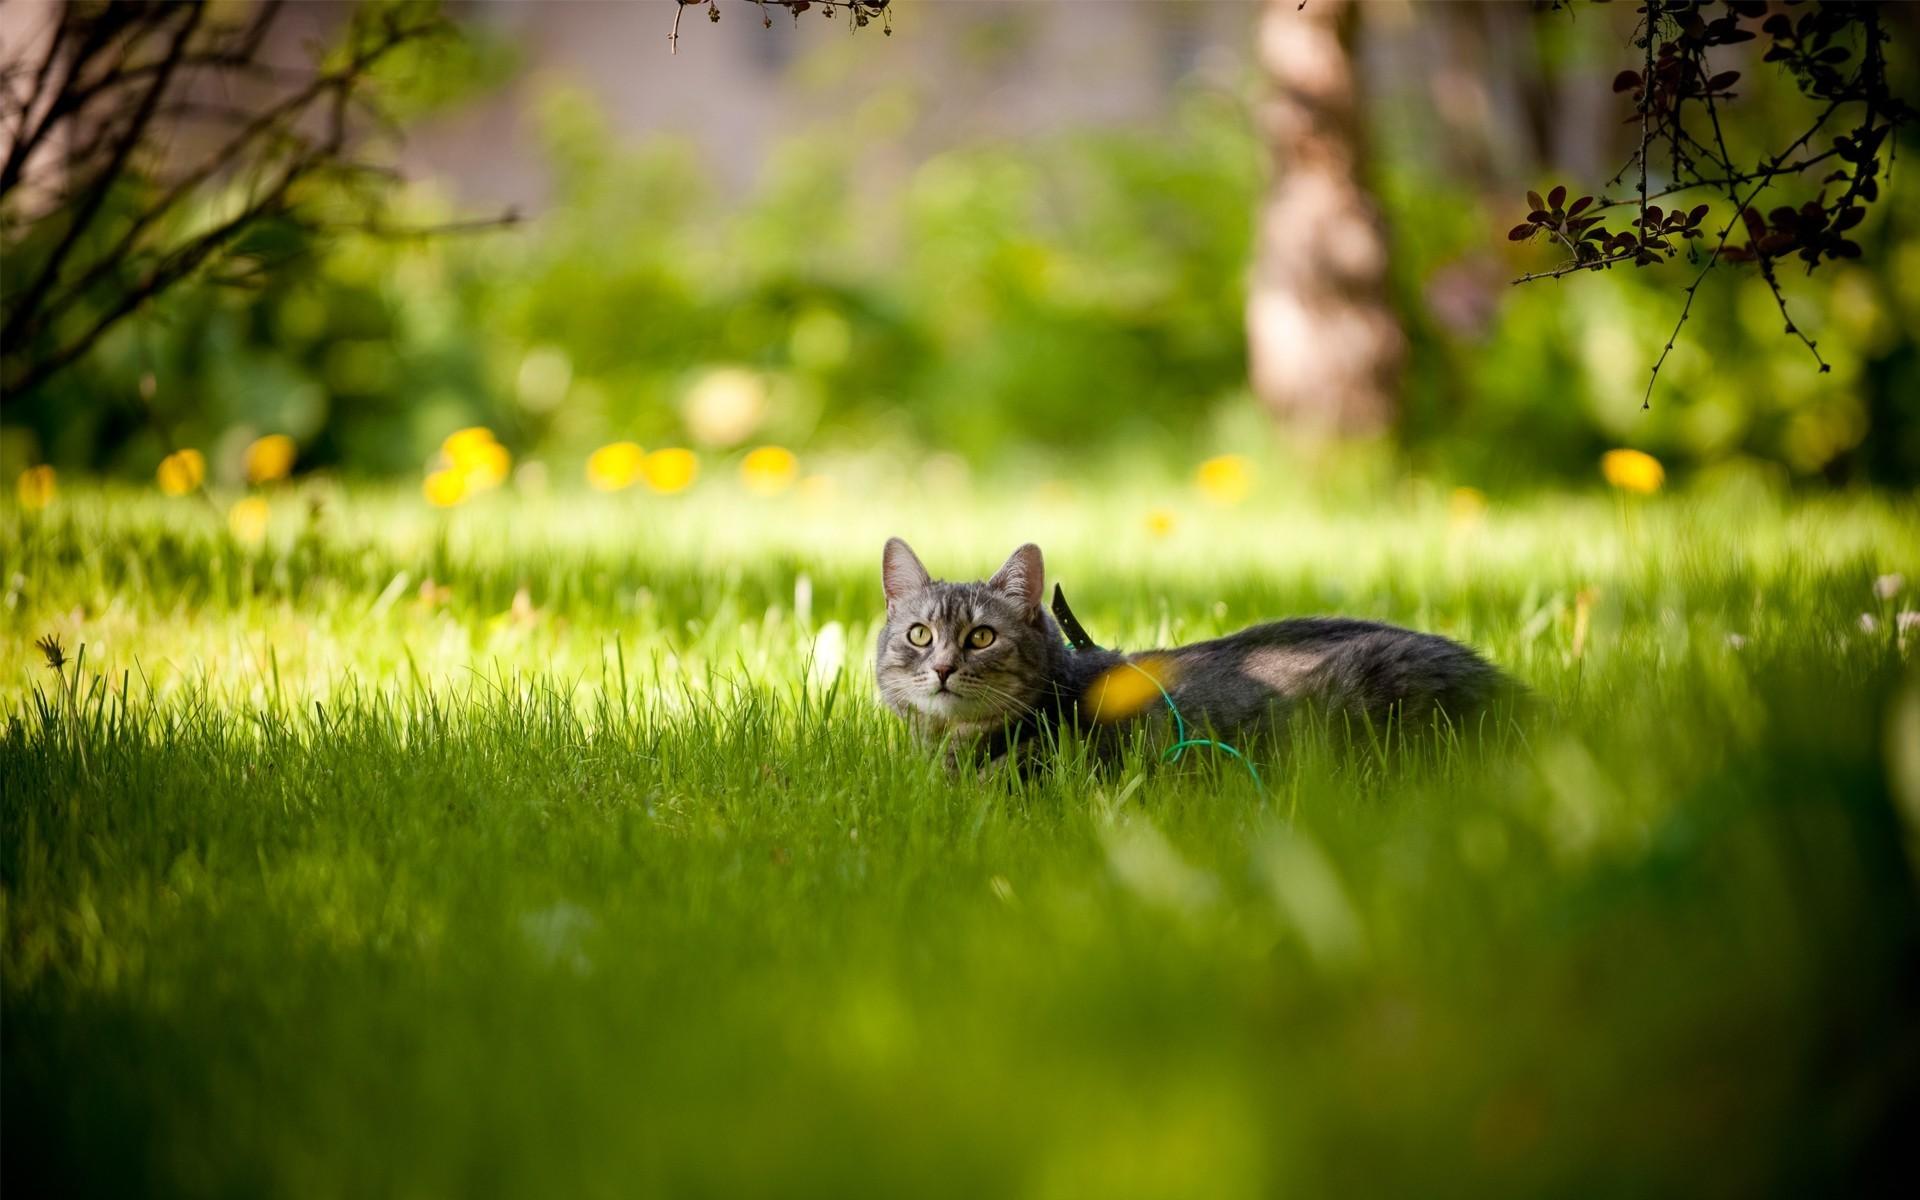 котик возле дерева загрузить